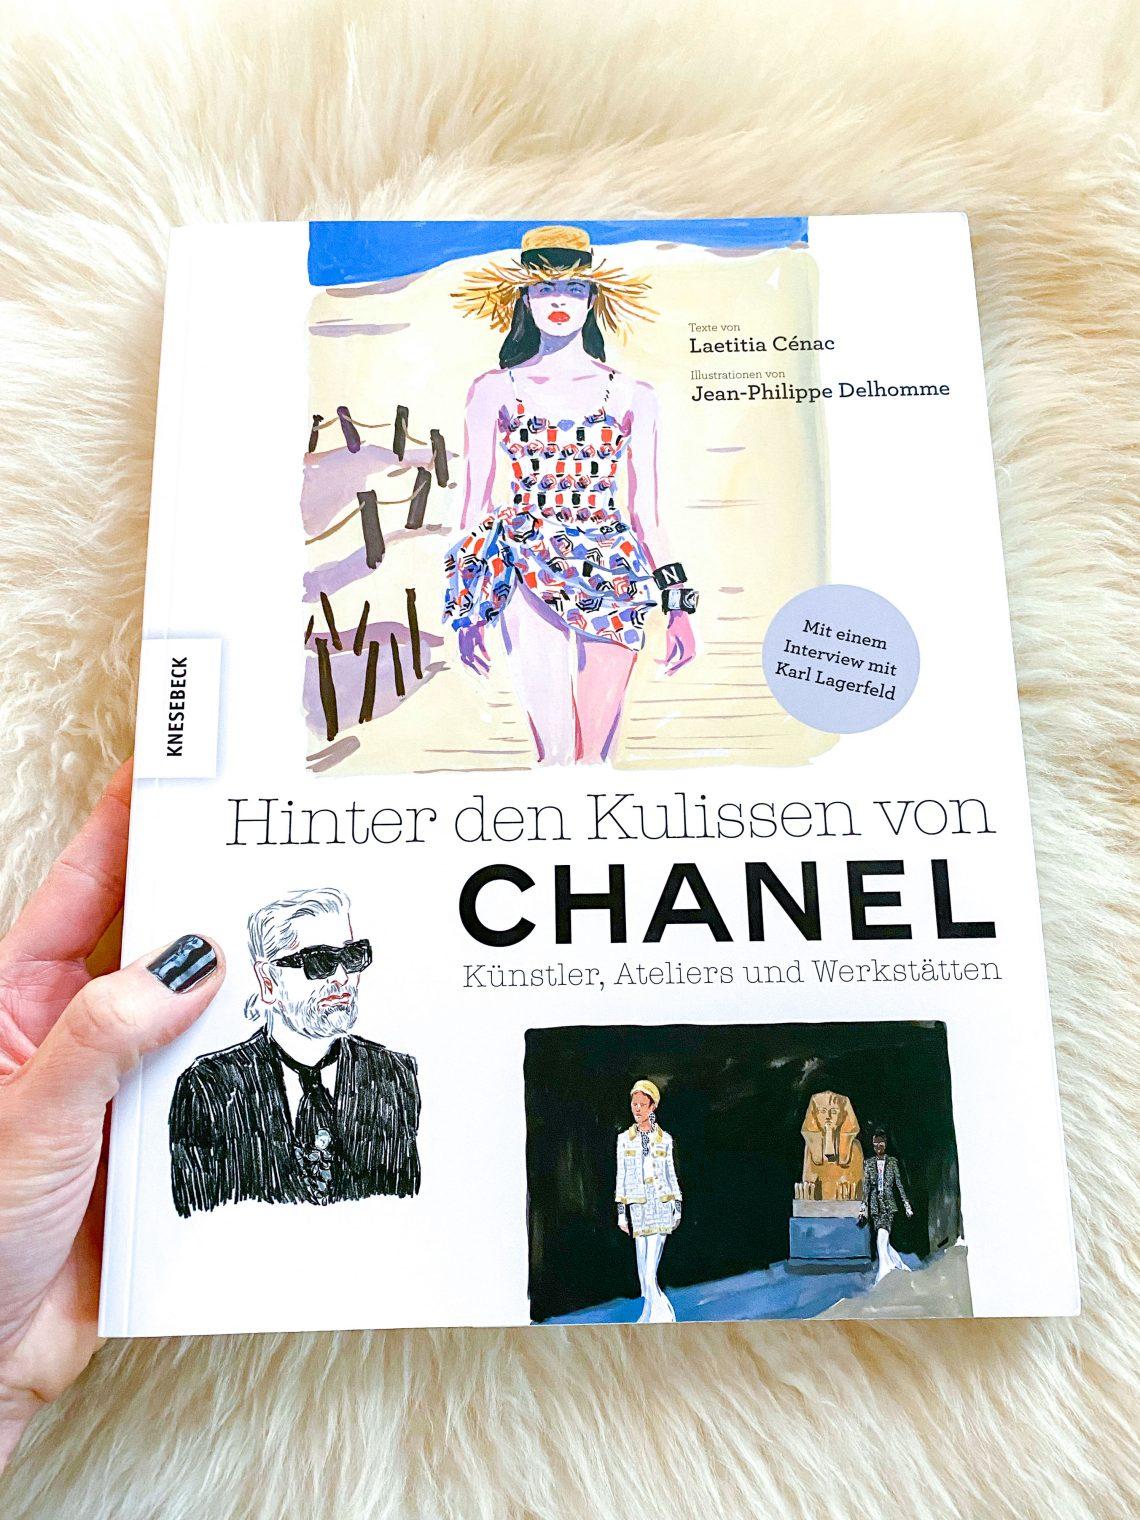 Hinter den Kulissen von Chanel von Laetitia Cénac_1